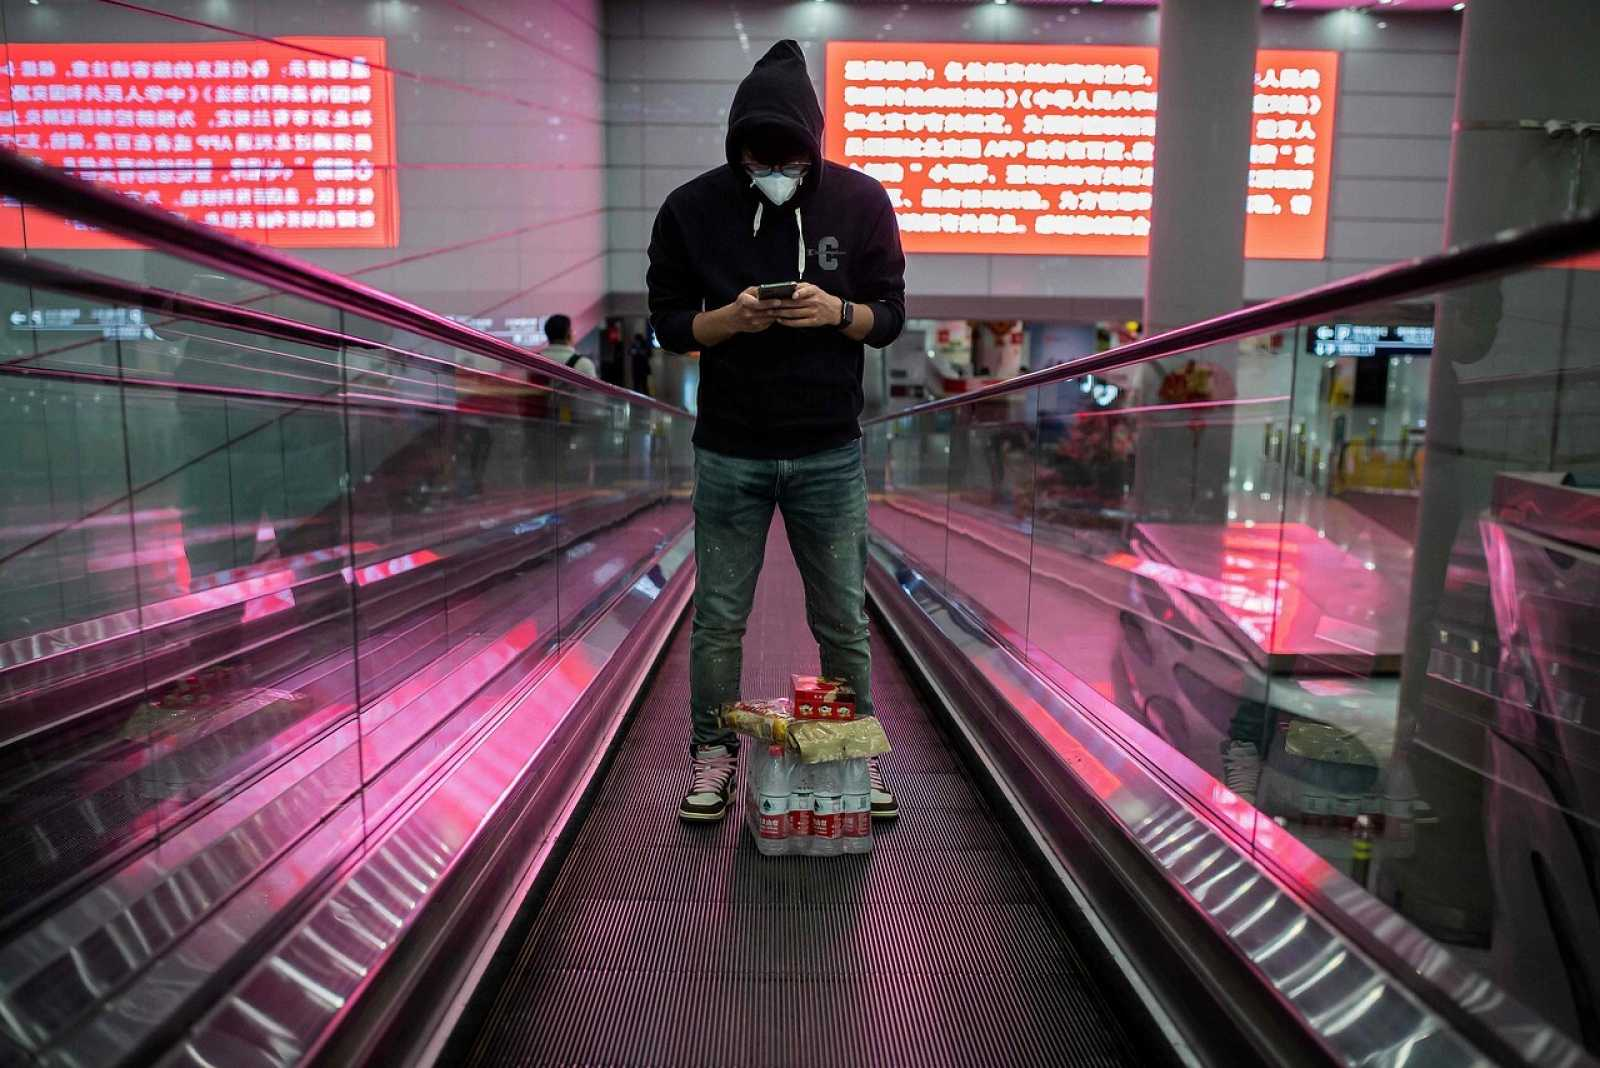 Un joven con mascarilla en el aeropuerto internacional de Pekín